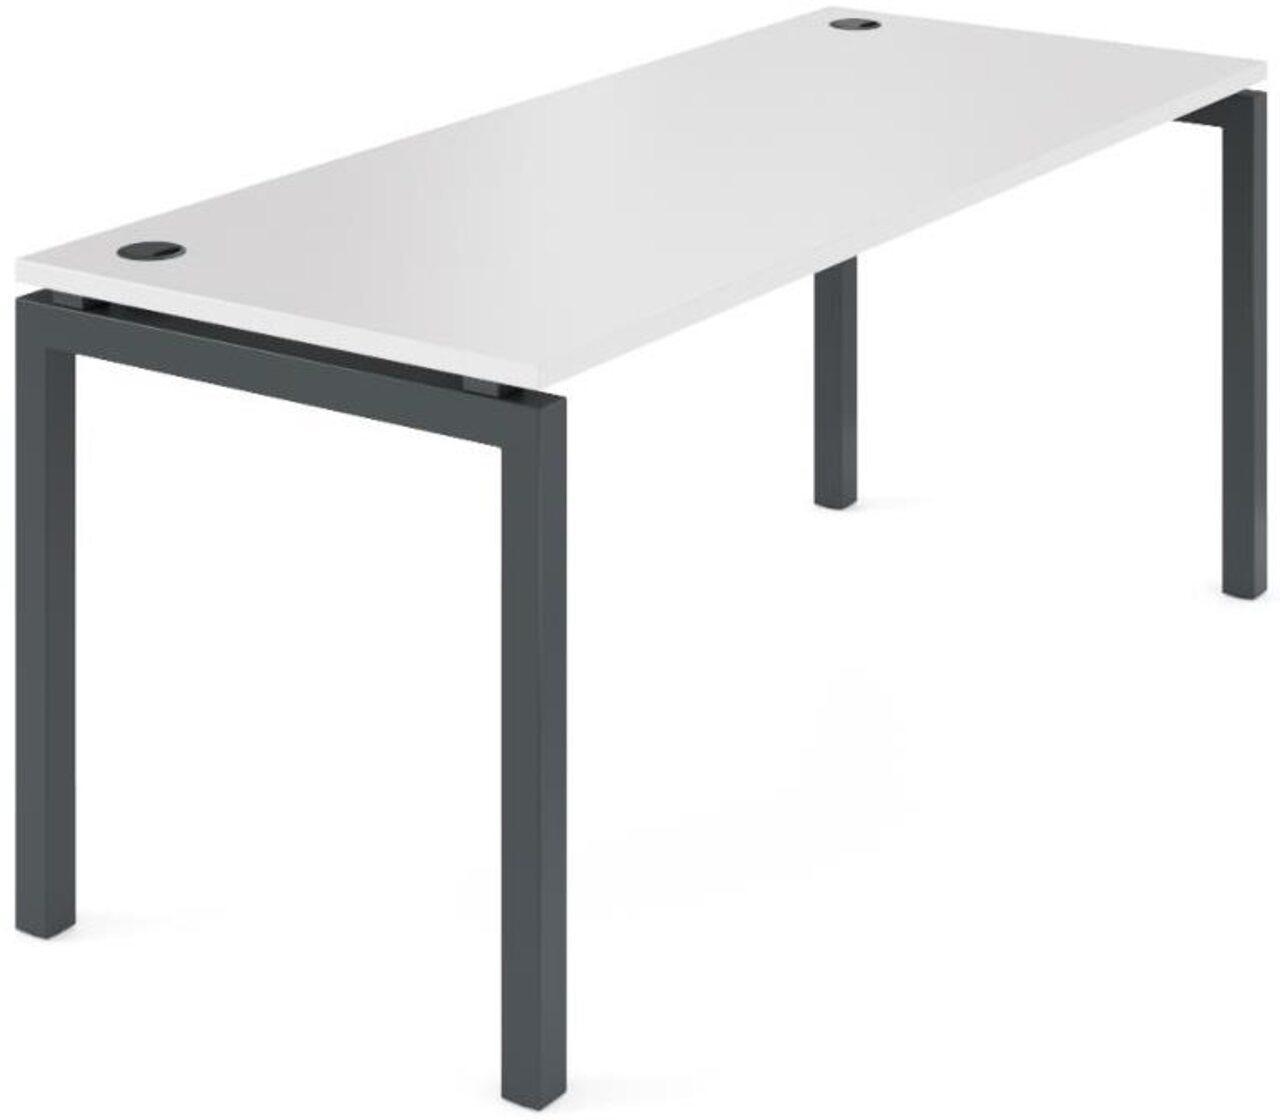 Стол рабочий на металлокаркасе  Арго 180x73x76 - фото 4